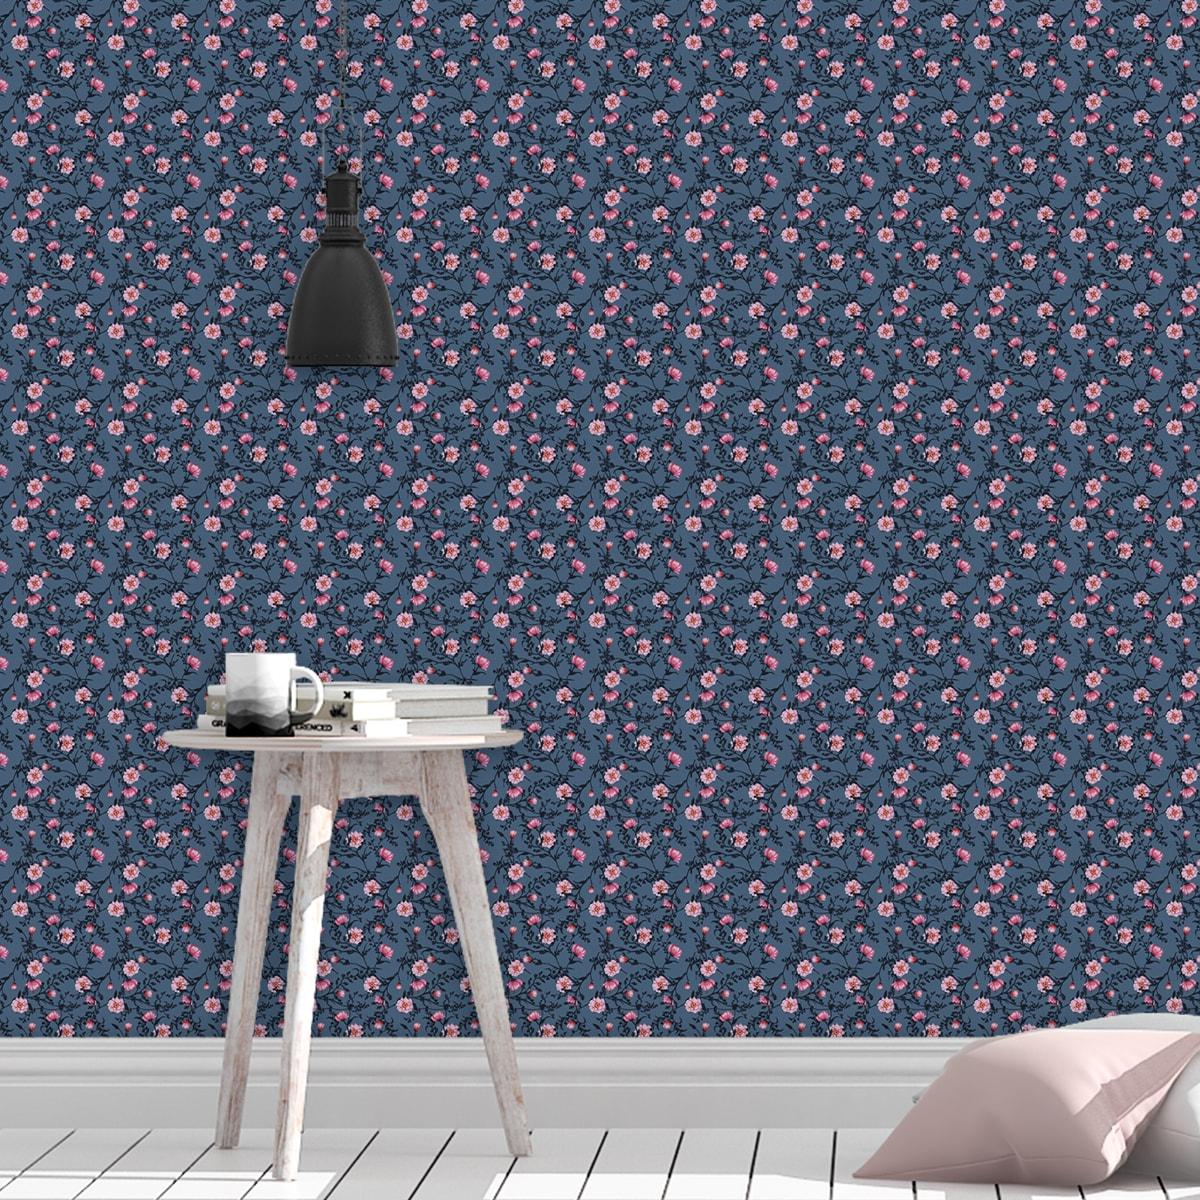 Tapete Wohnzimmer rosa: Blumentapete Printemps mit zarten Ranken in blau - Nostalgietapete für Wohnzimmer